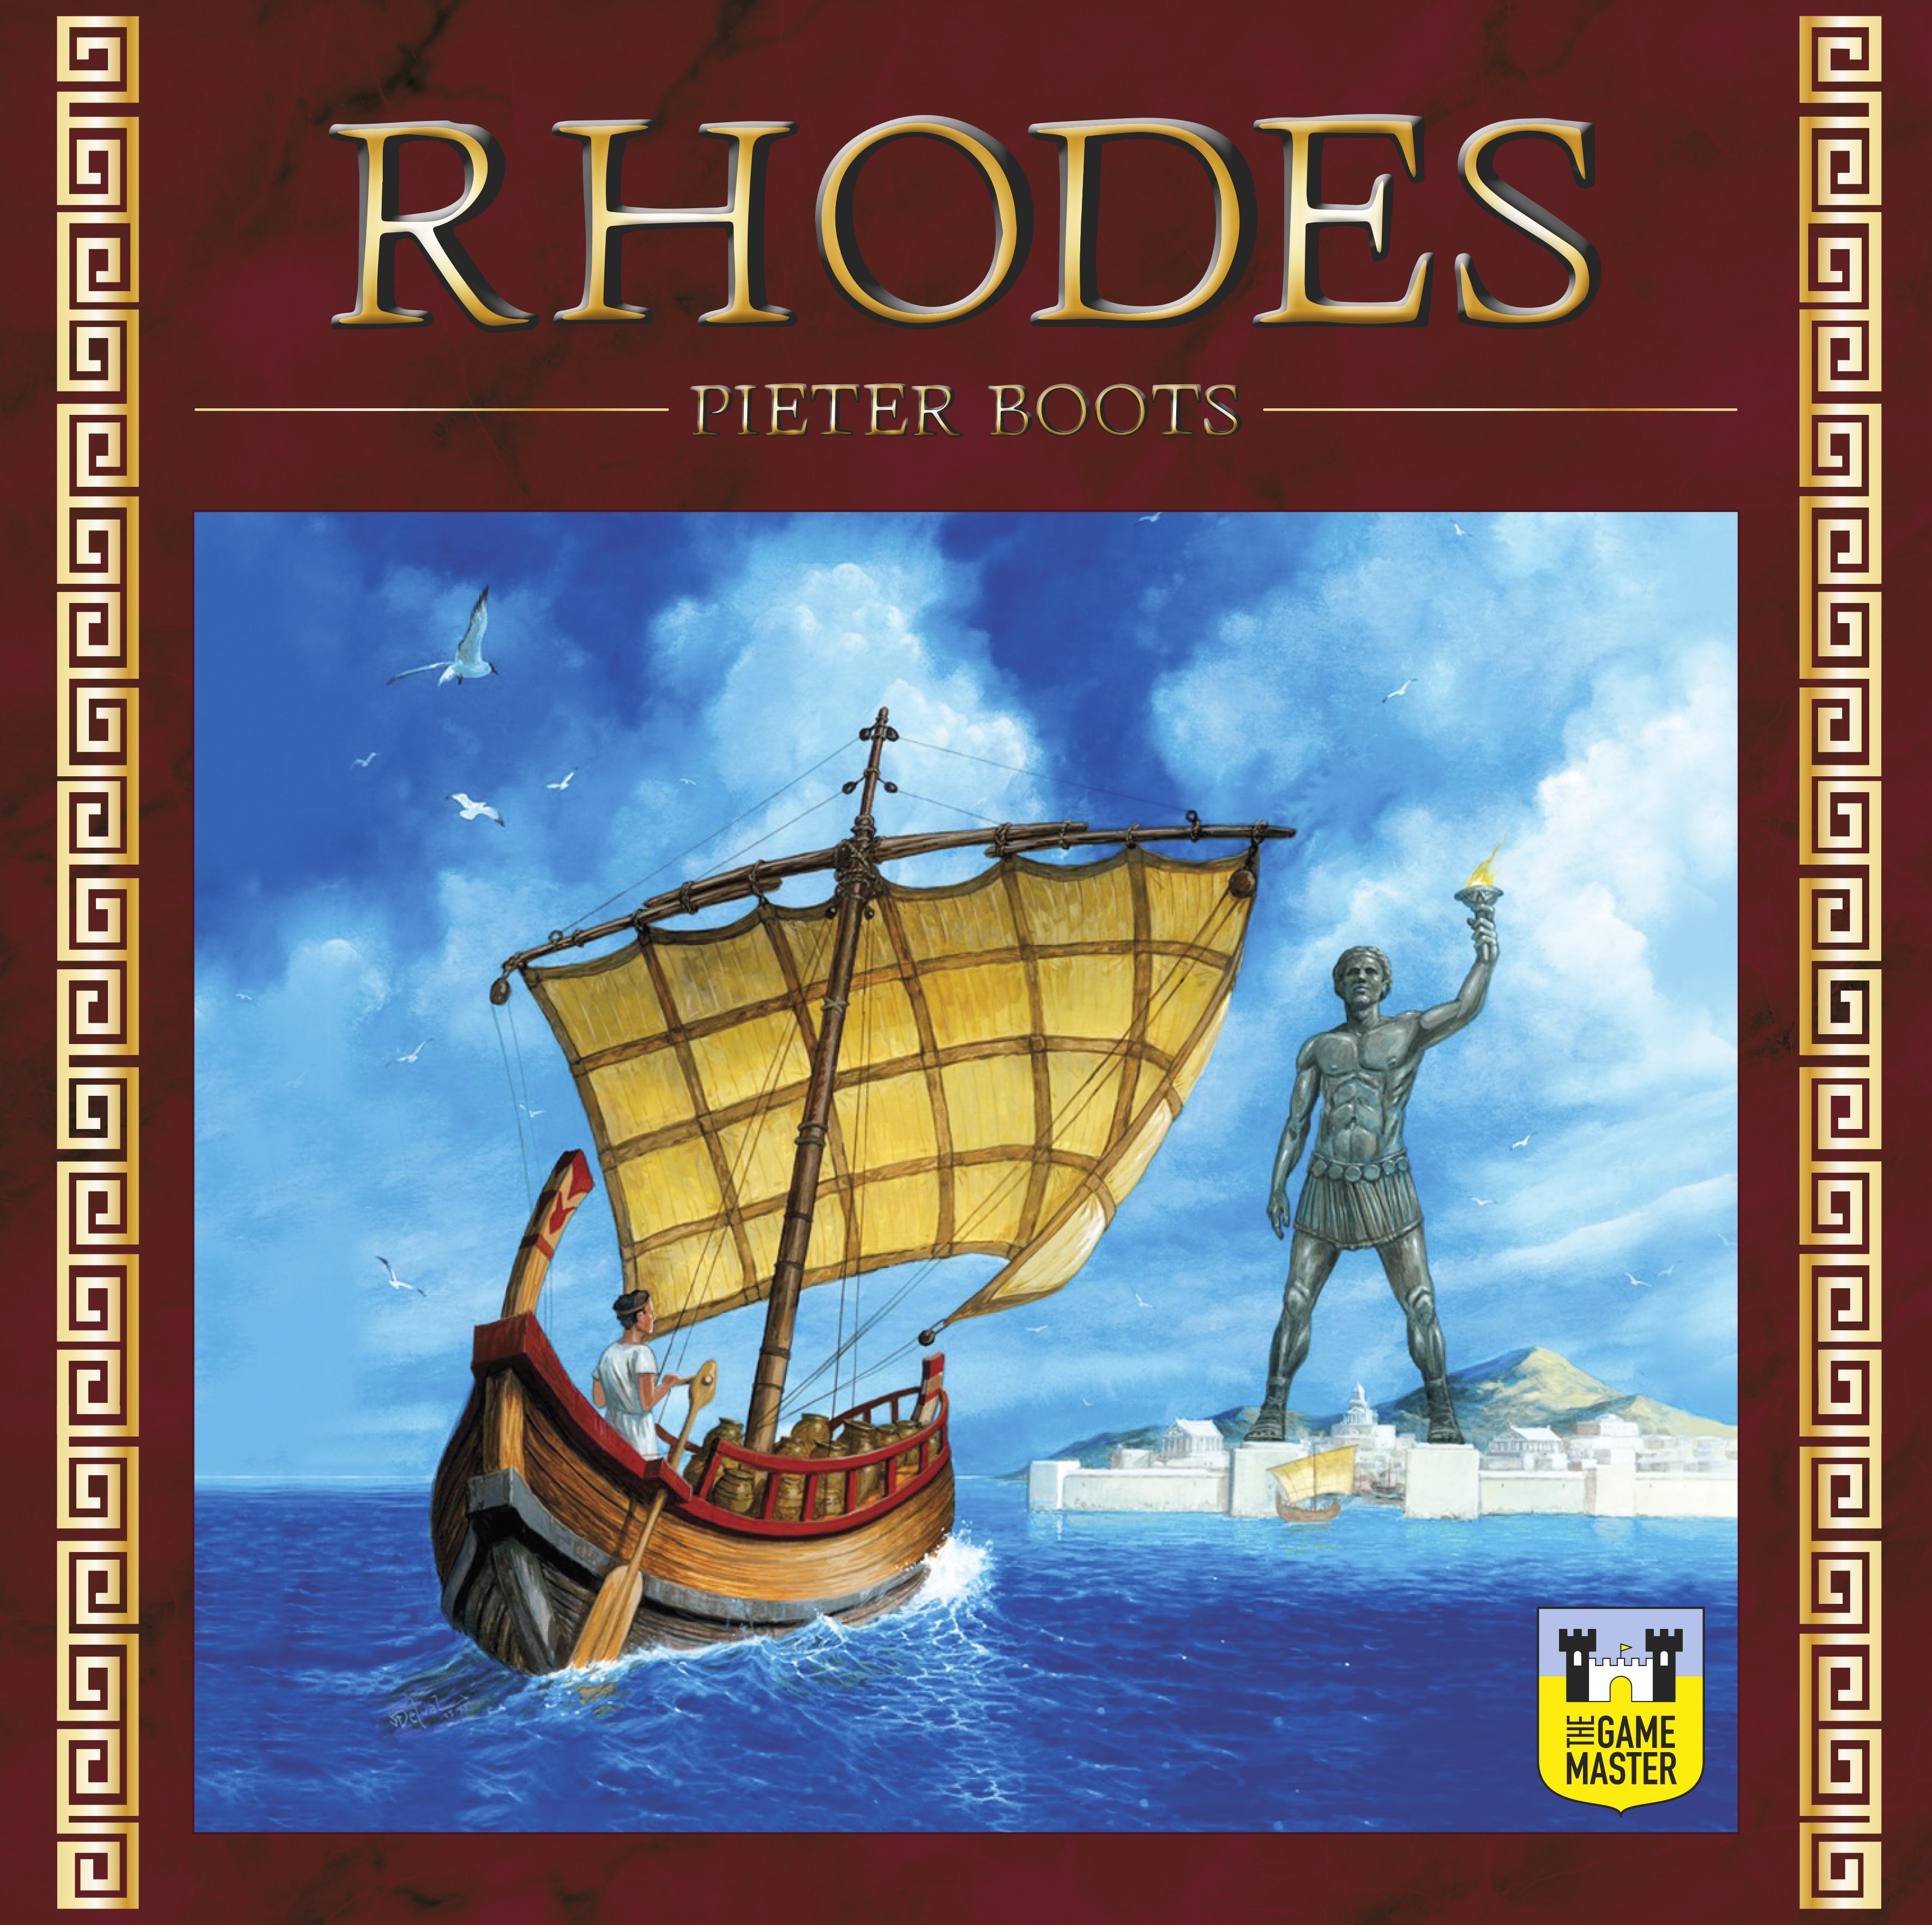 http://www.thegamemaster.nl/images/spellen/covers%202D/Rhodes_Cover_2D_HR.jpg